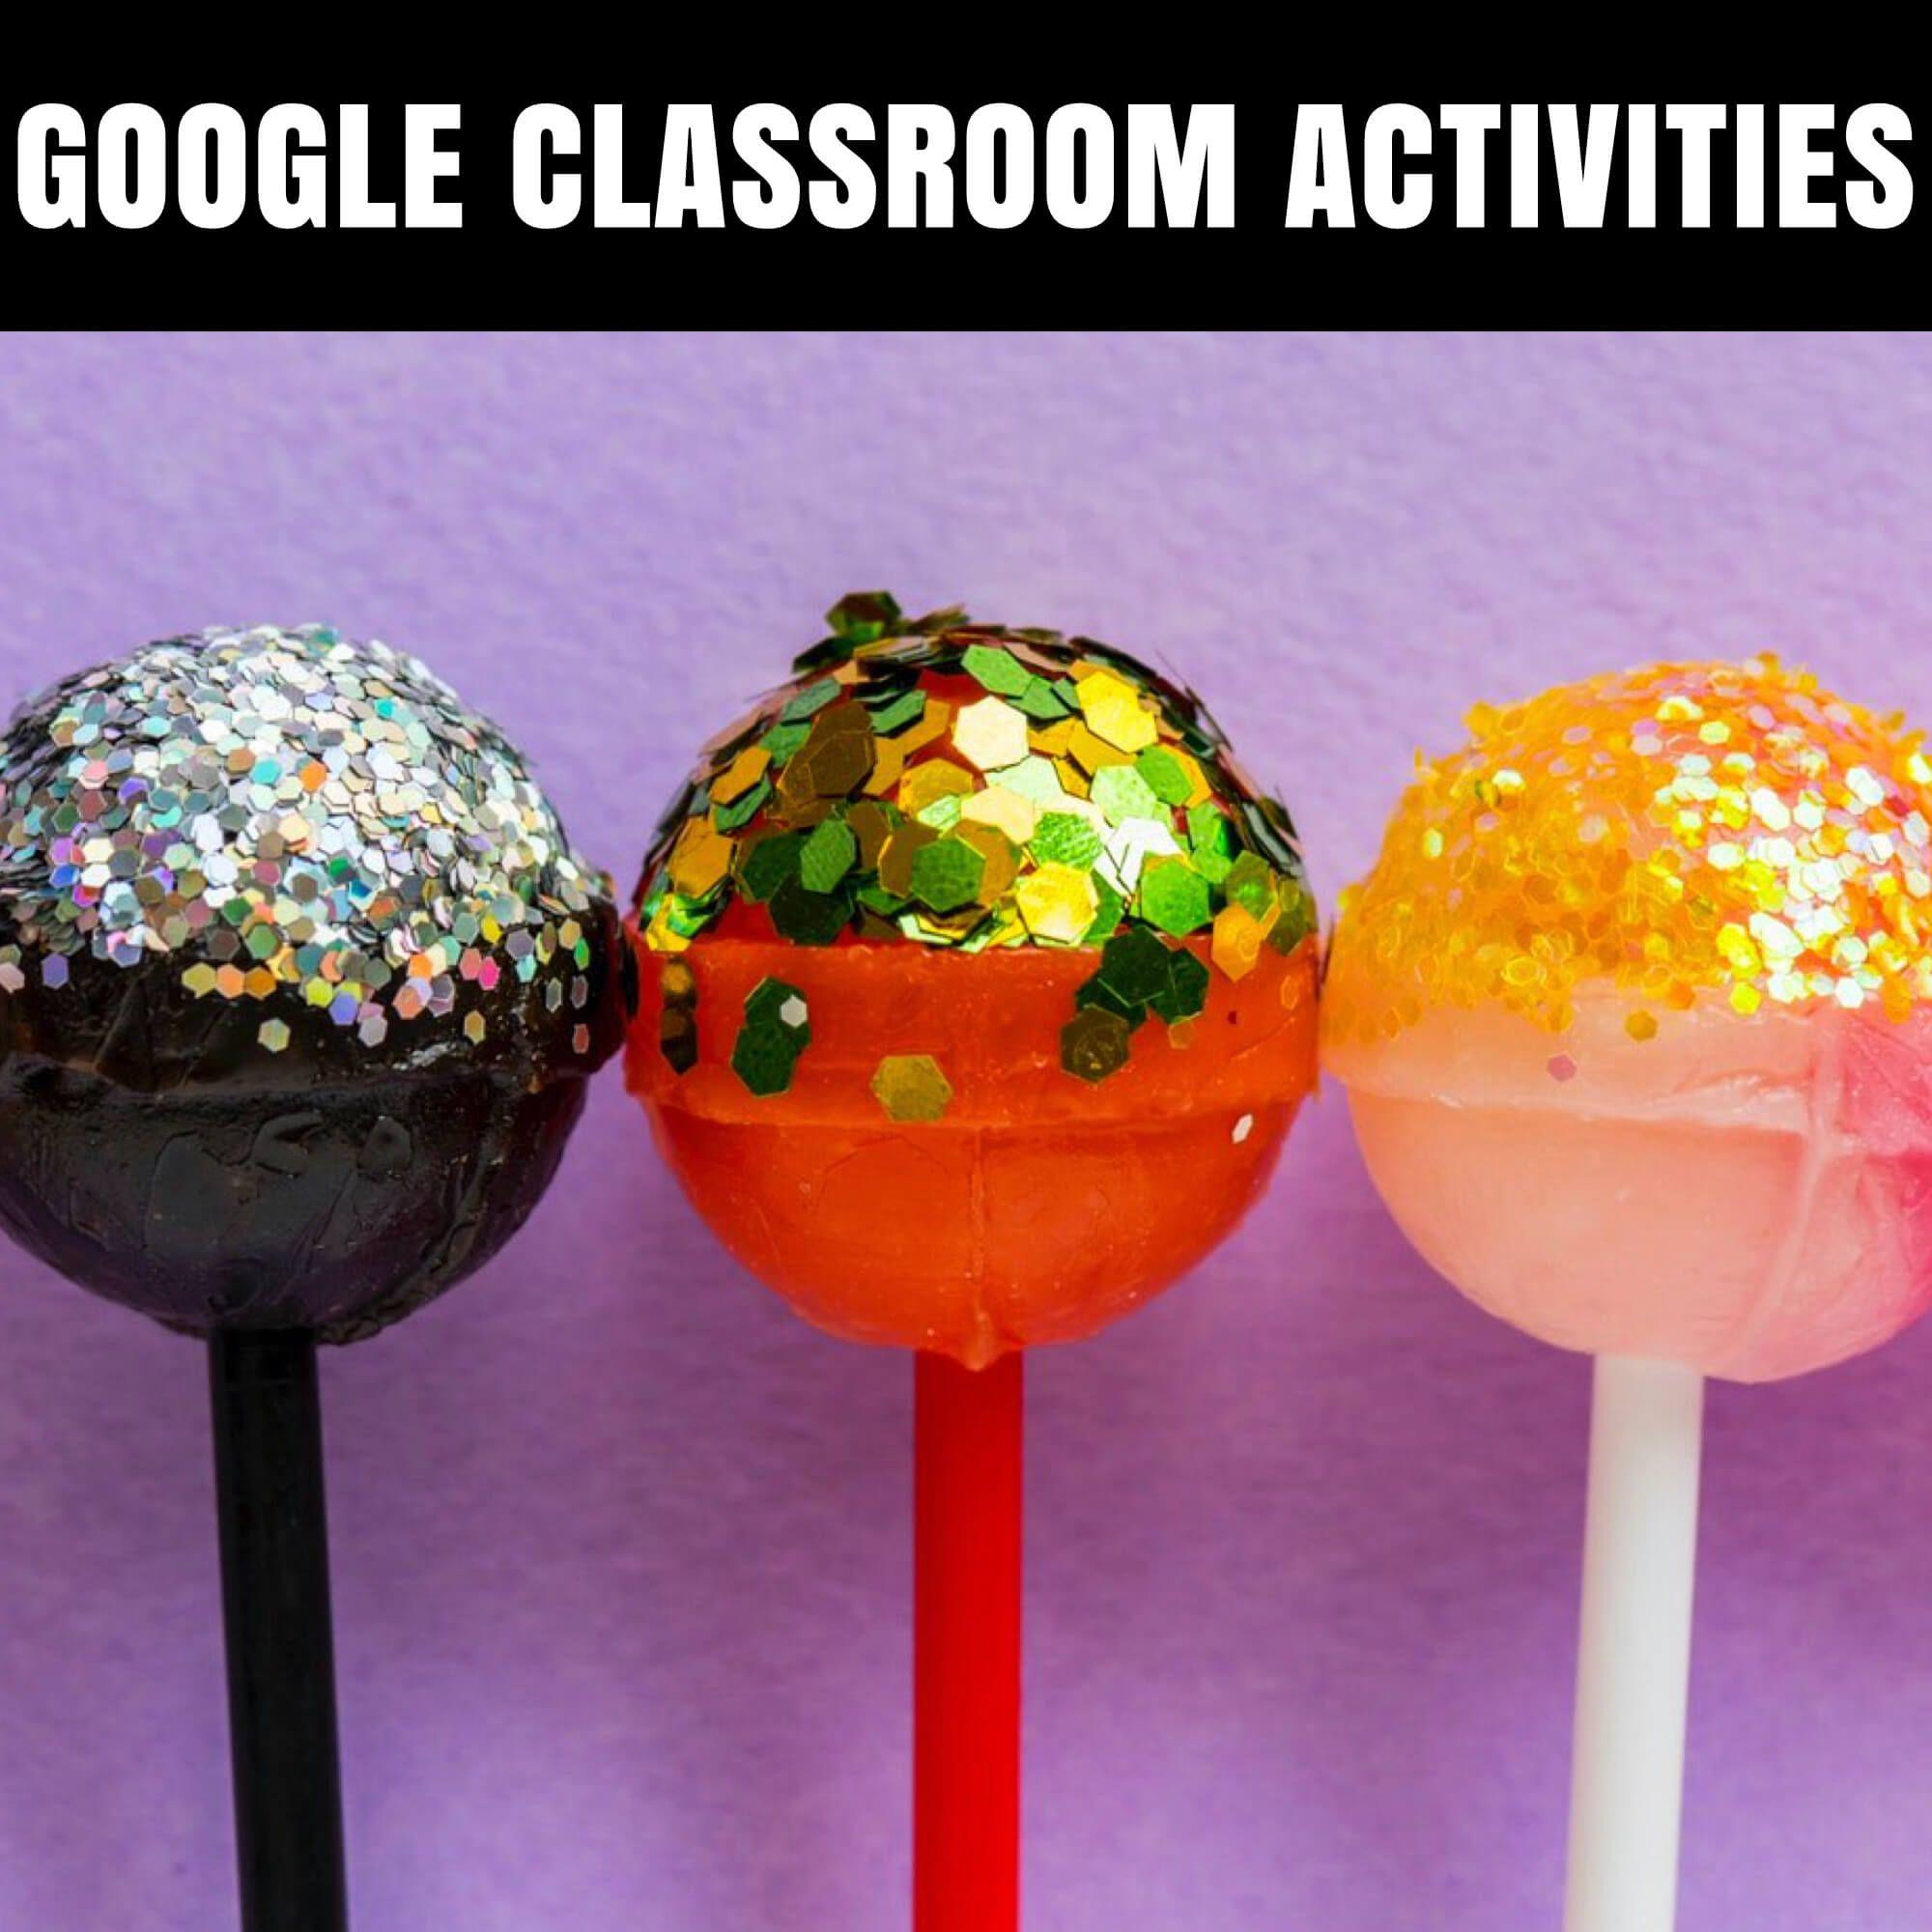 Google Classroom Activities